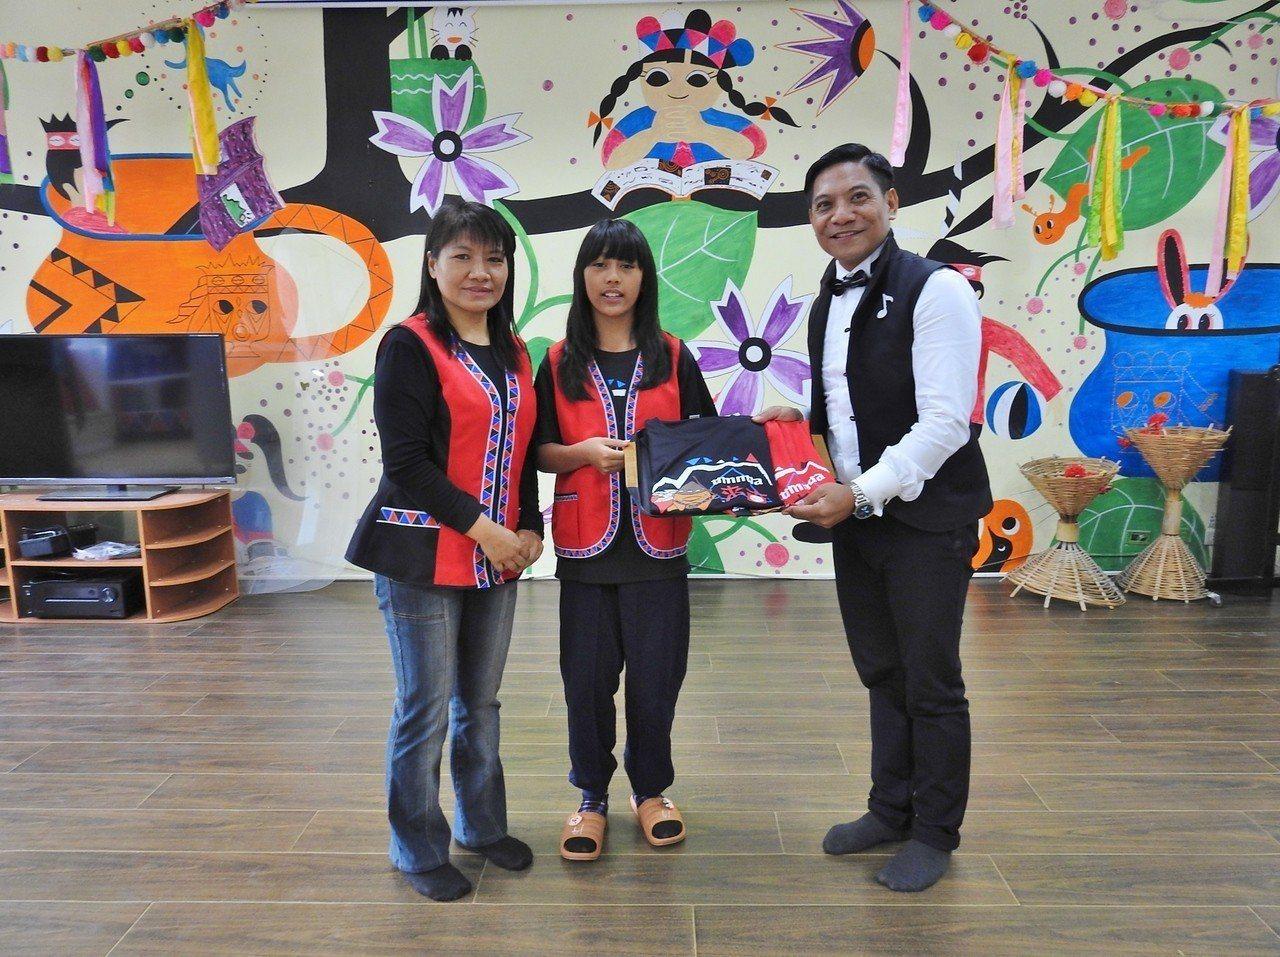 來吉國小校長孫儷砡(左)感謝胡待明提供學生演出機會。圖/來吉國小提供